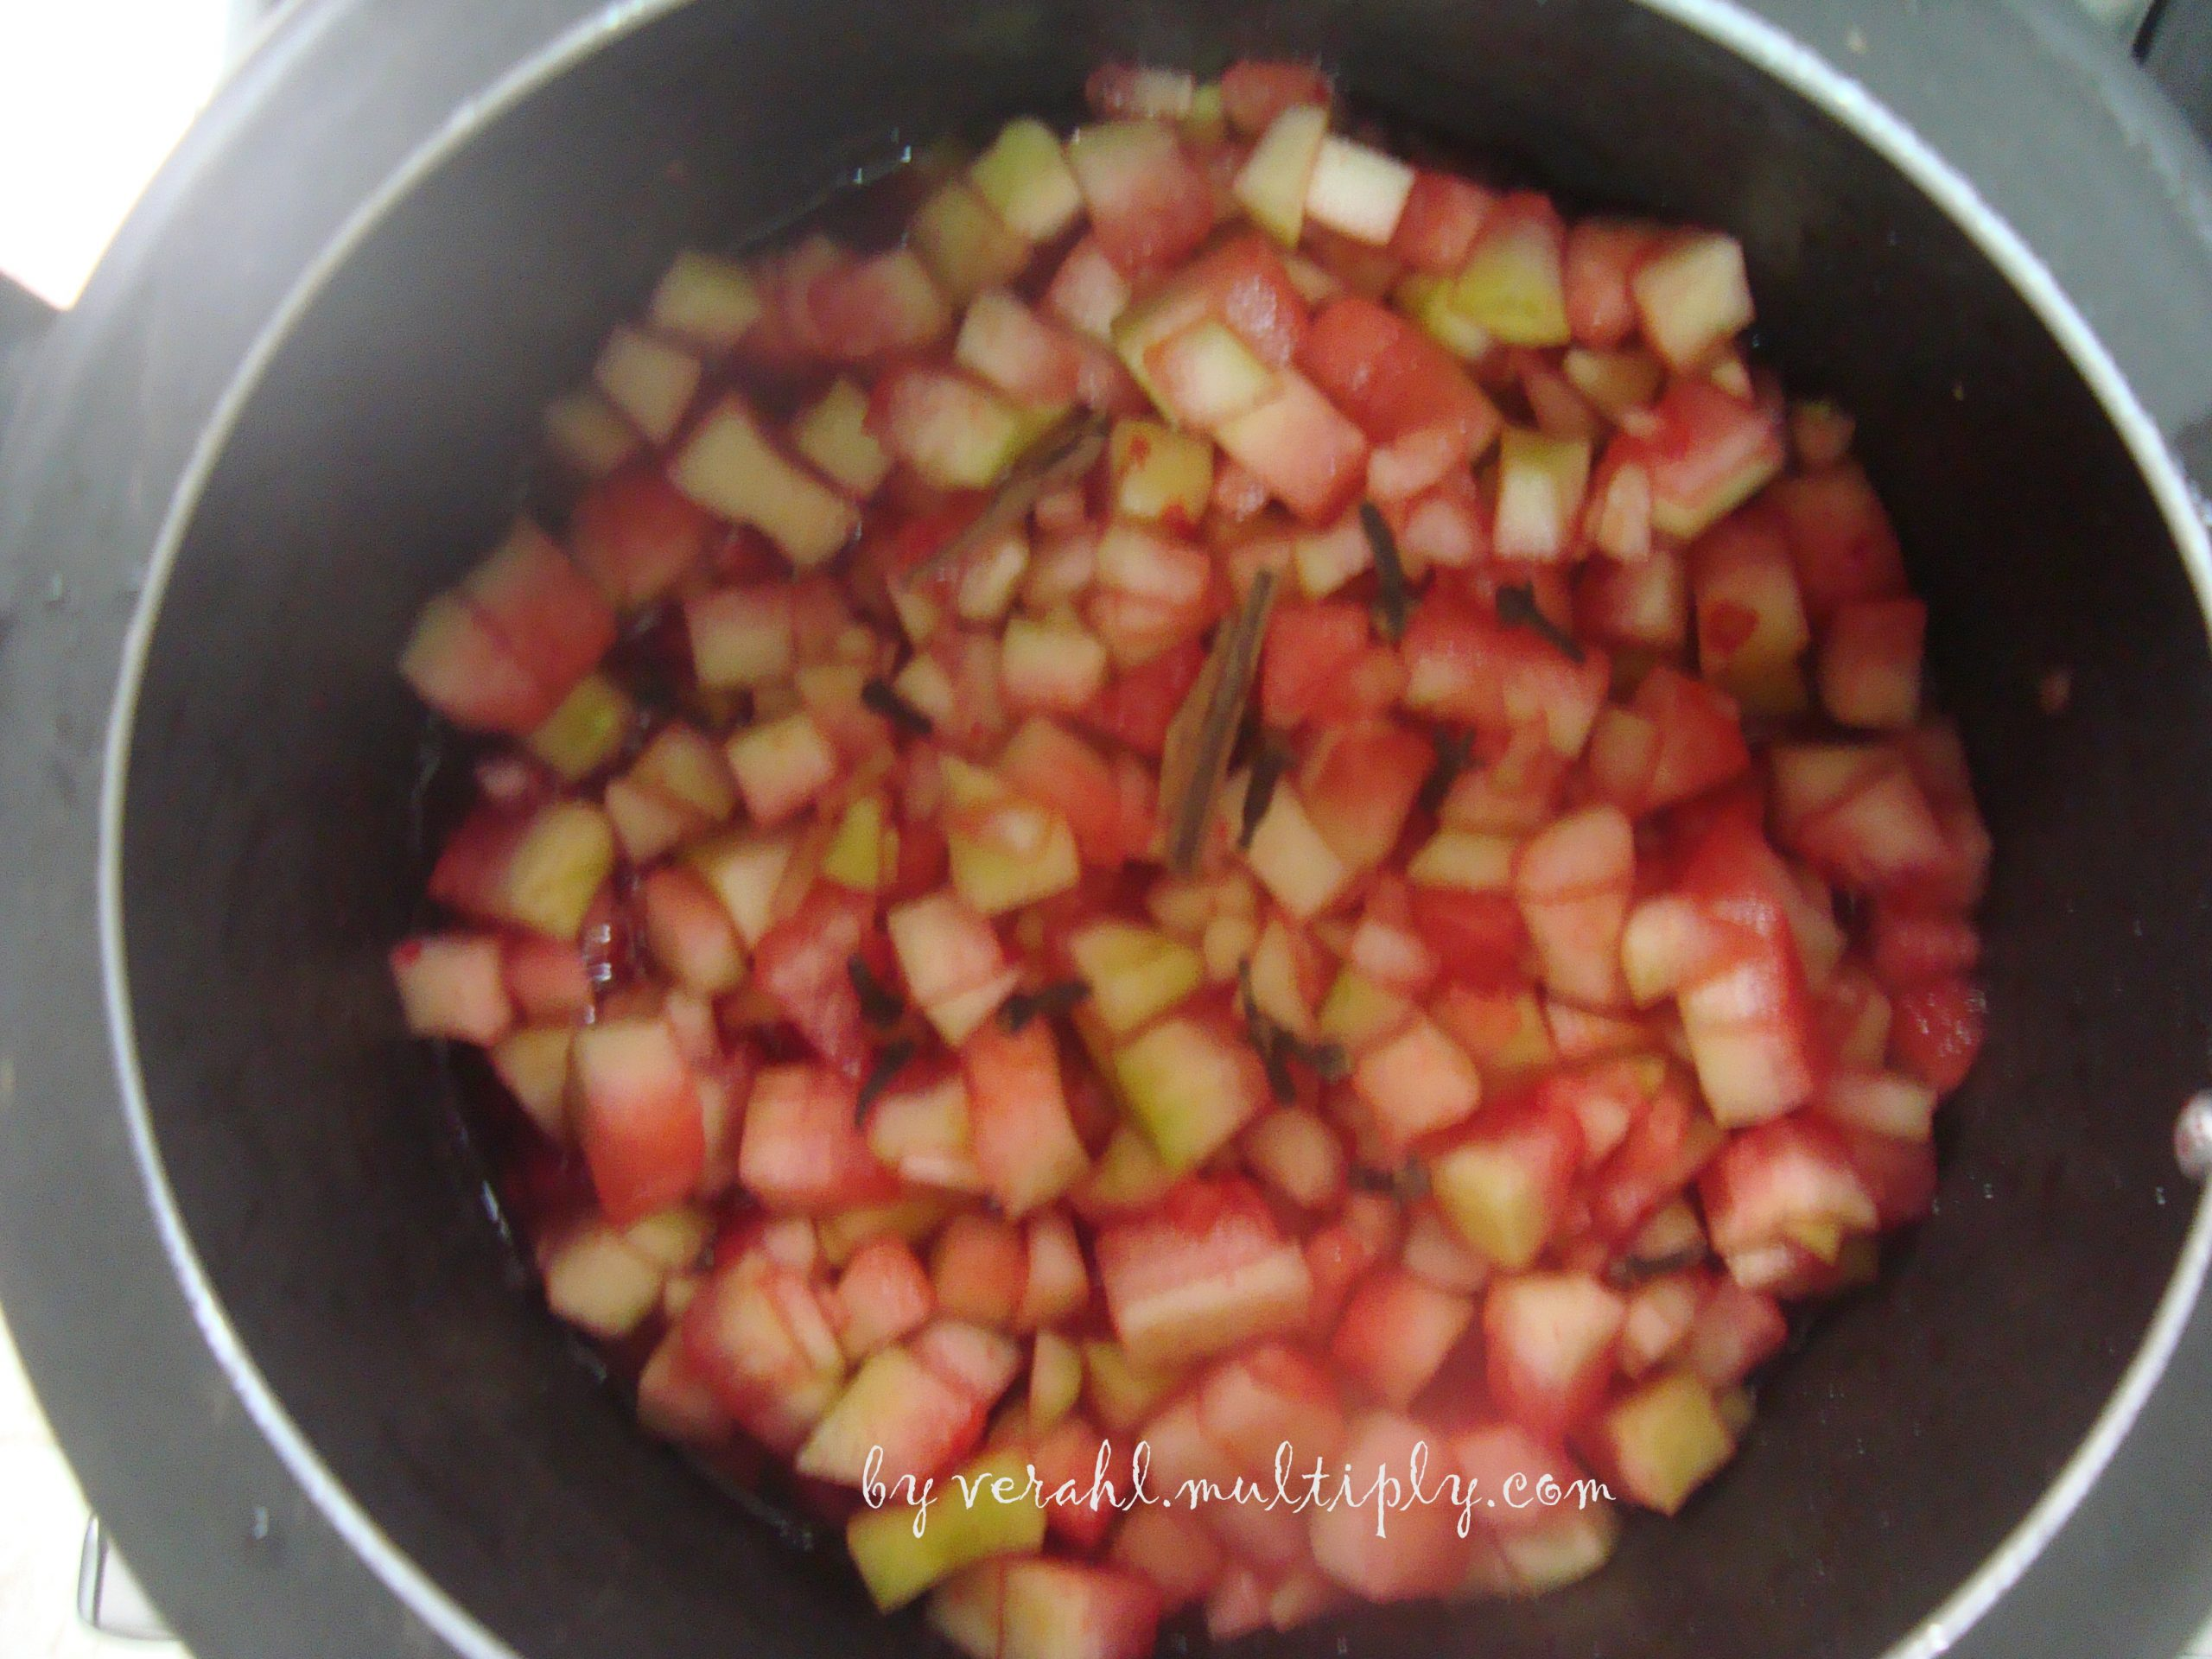 Doce da parte branca da melancia